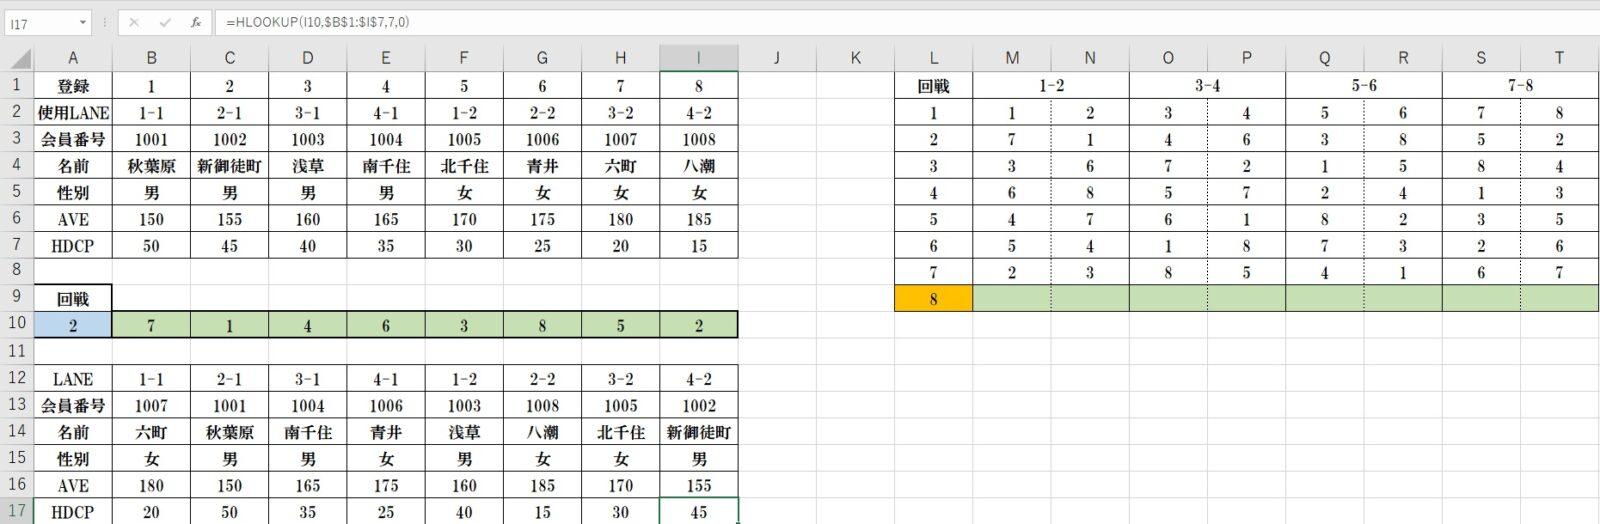 ボウリングリーグ対戦表自動変換エクセル